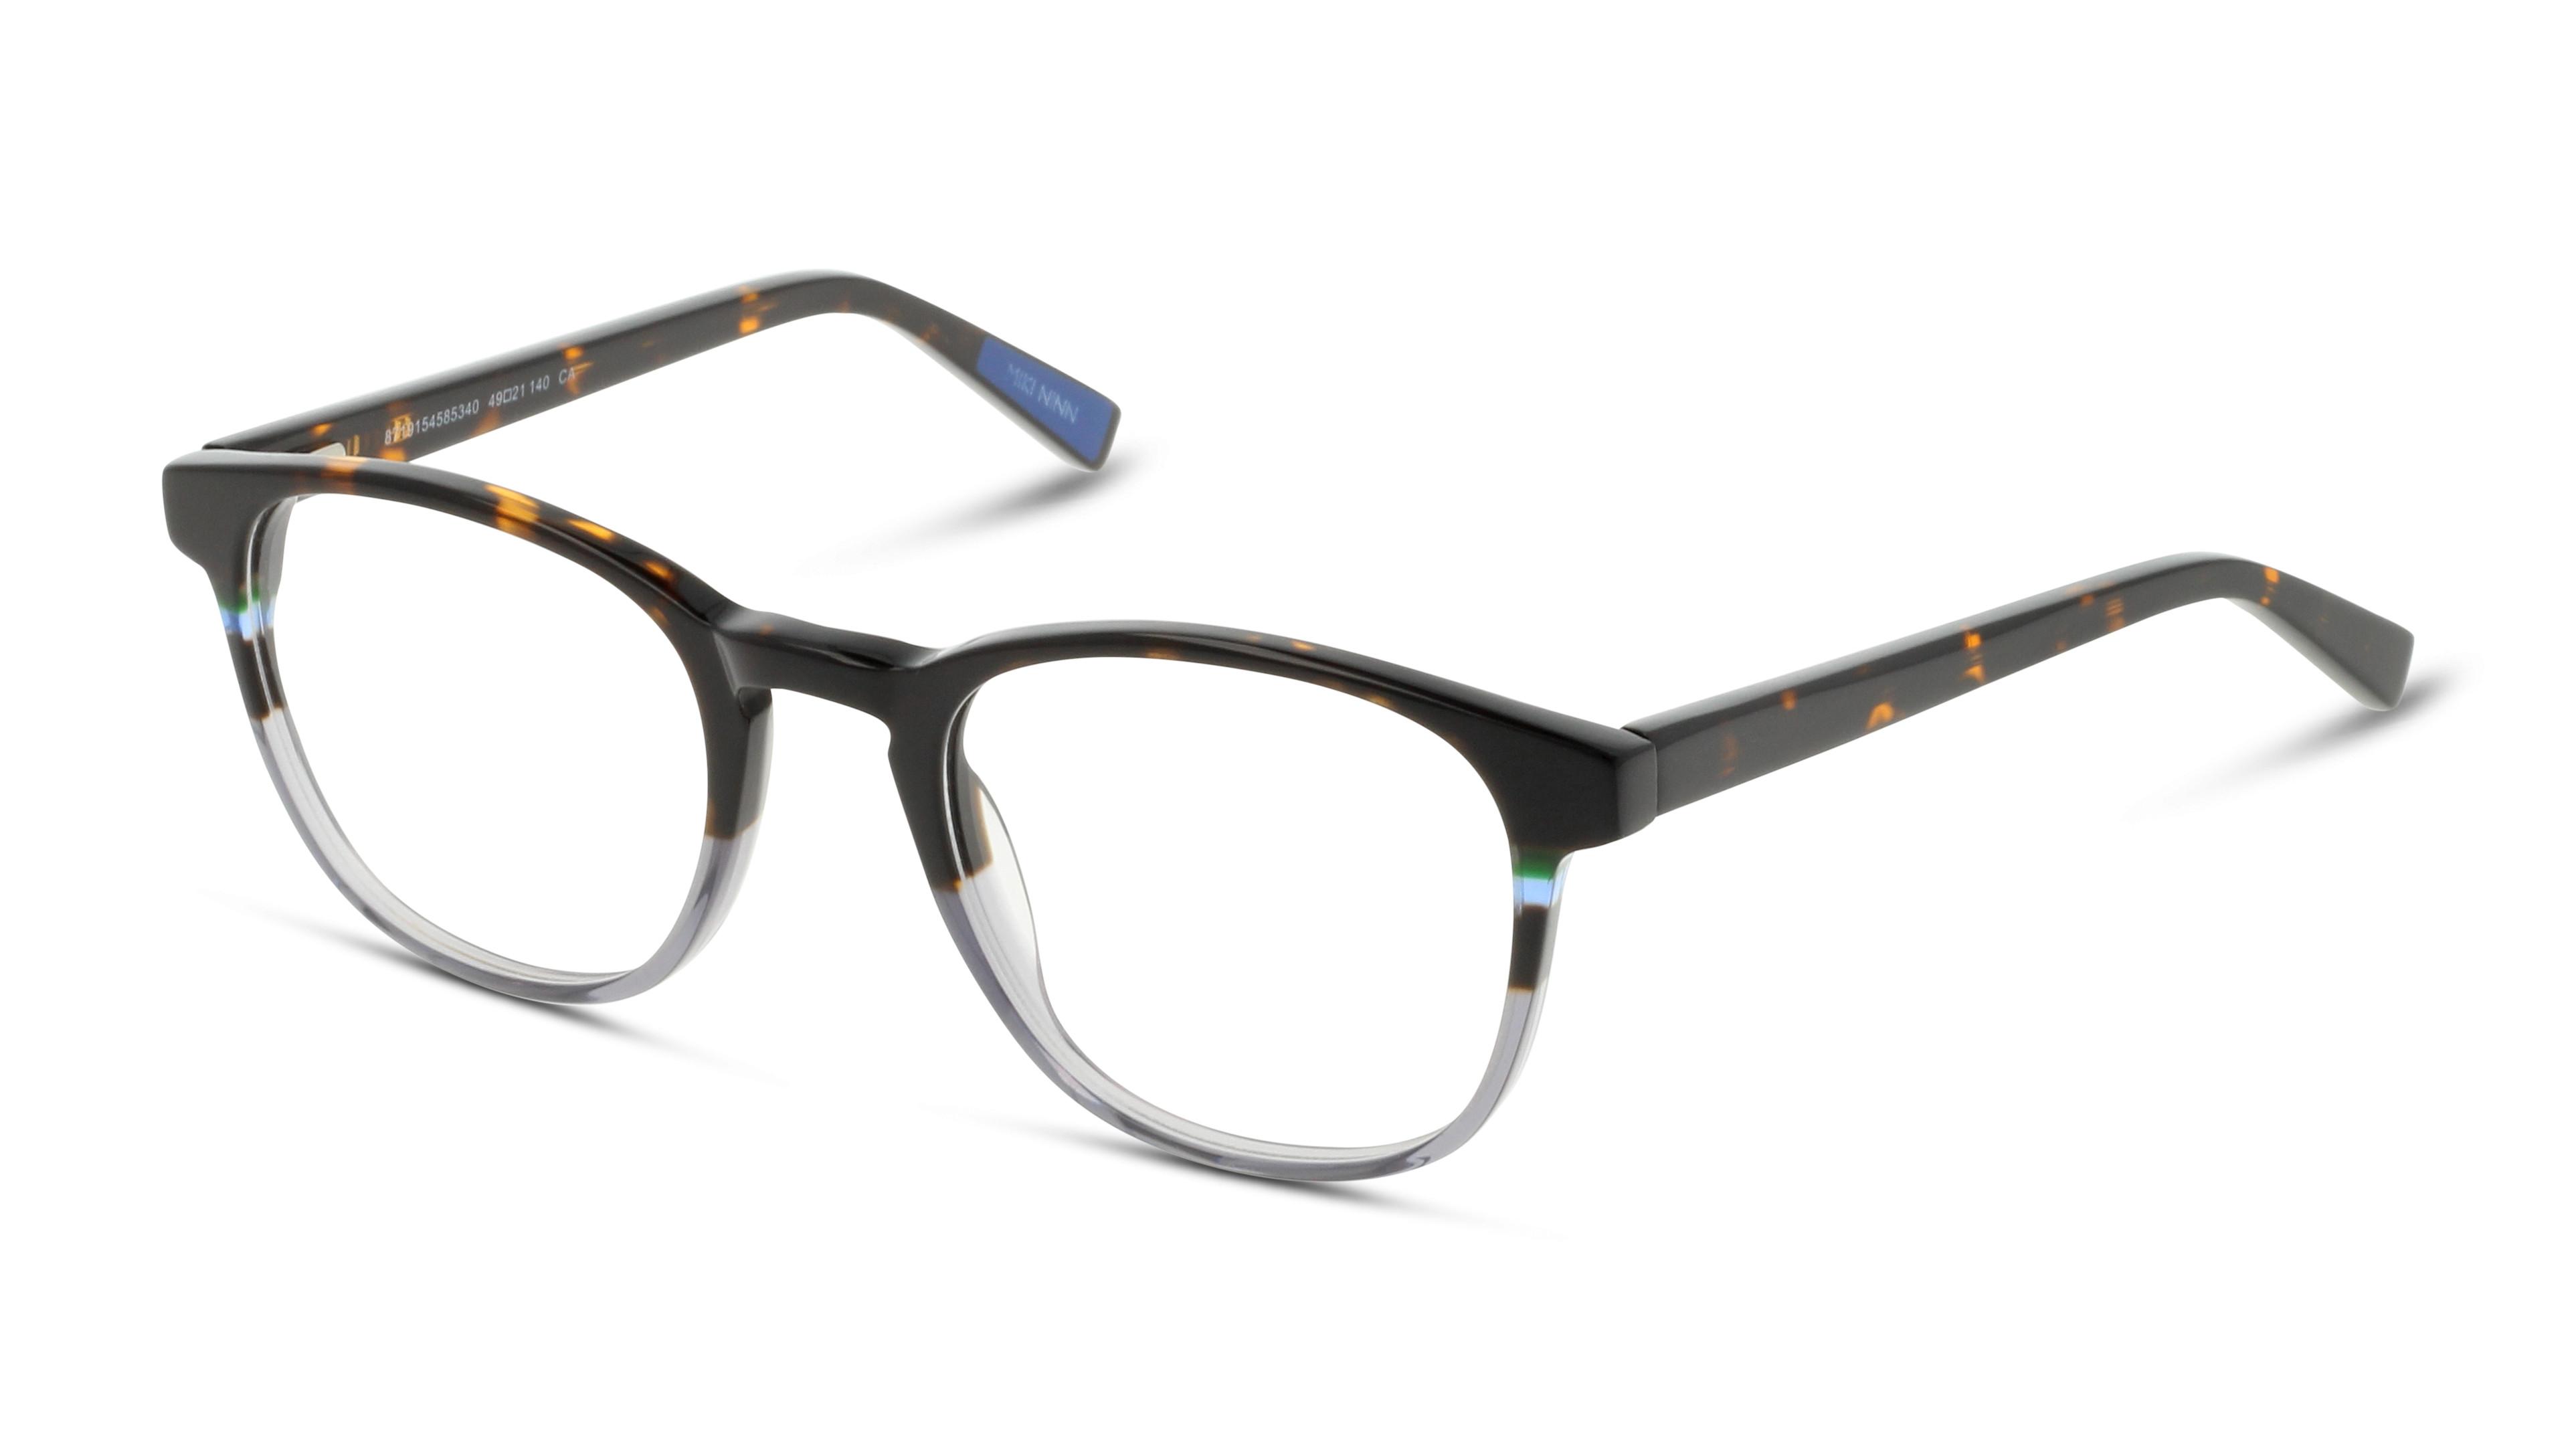 8719154585340-angle-03-miki-ninn-mnkm03-eyewear-havana-navy-blue